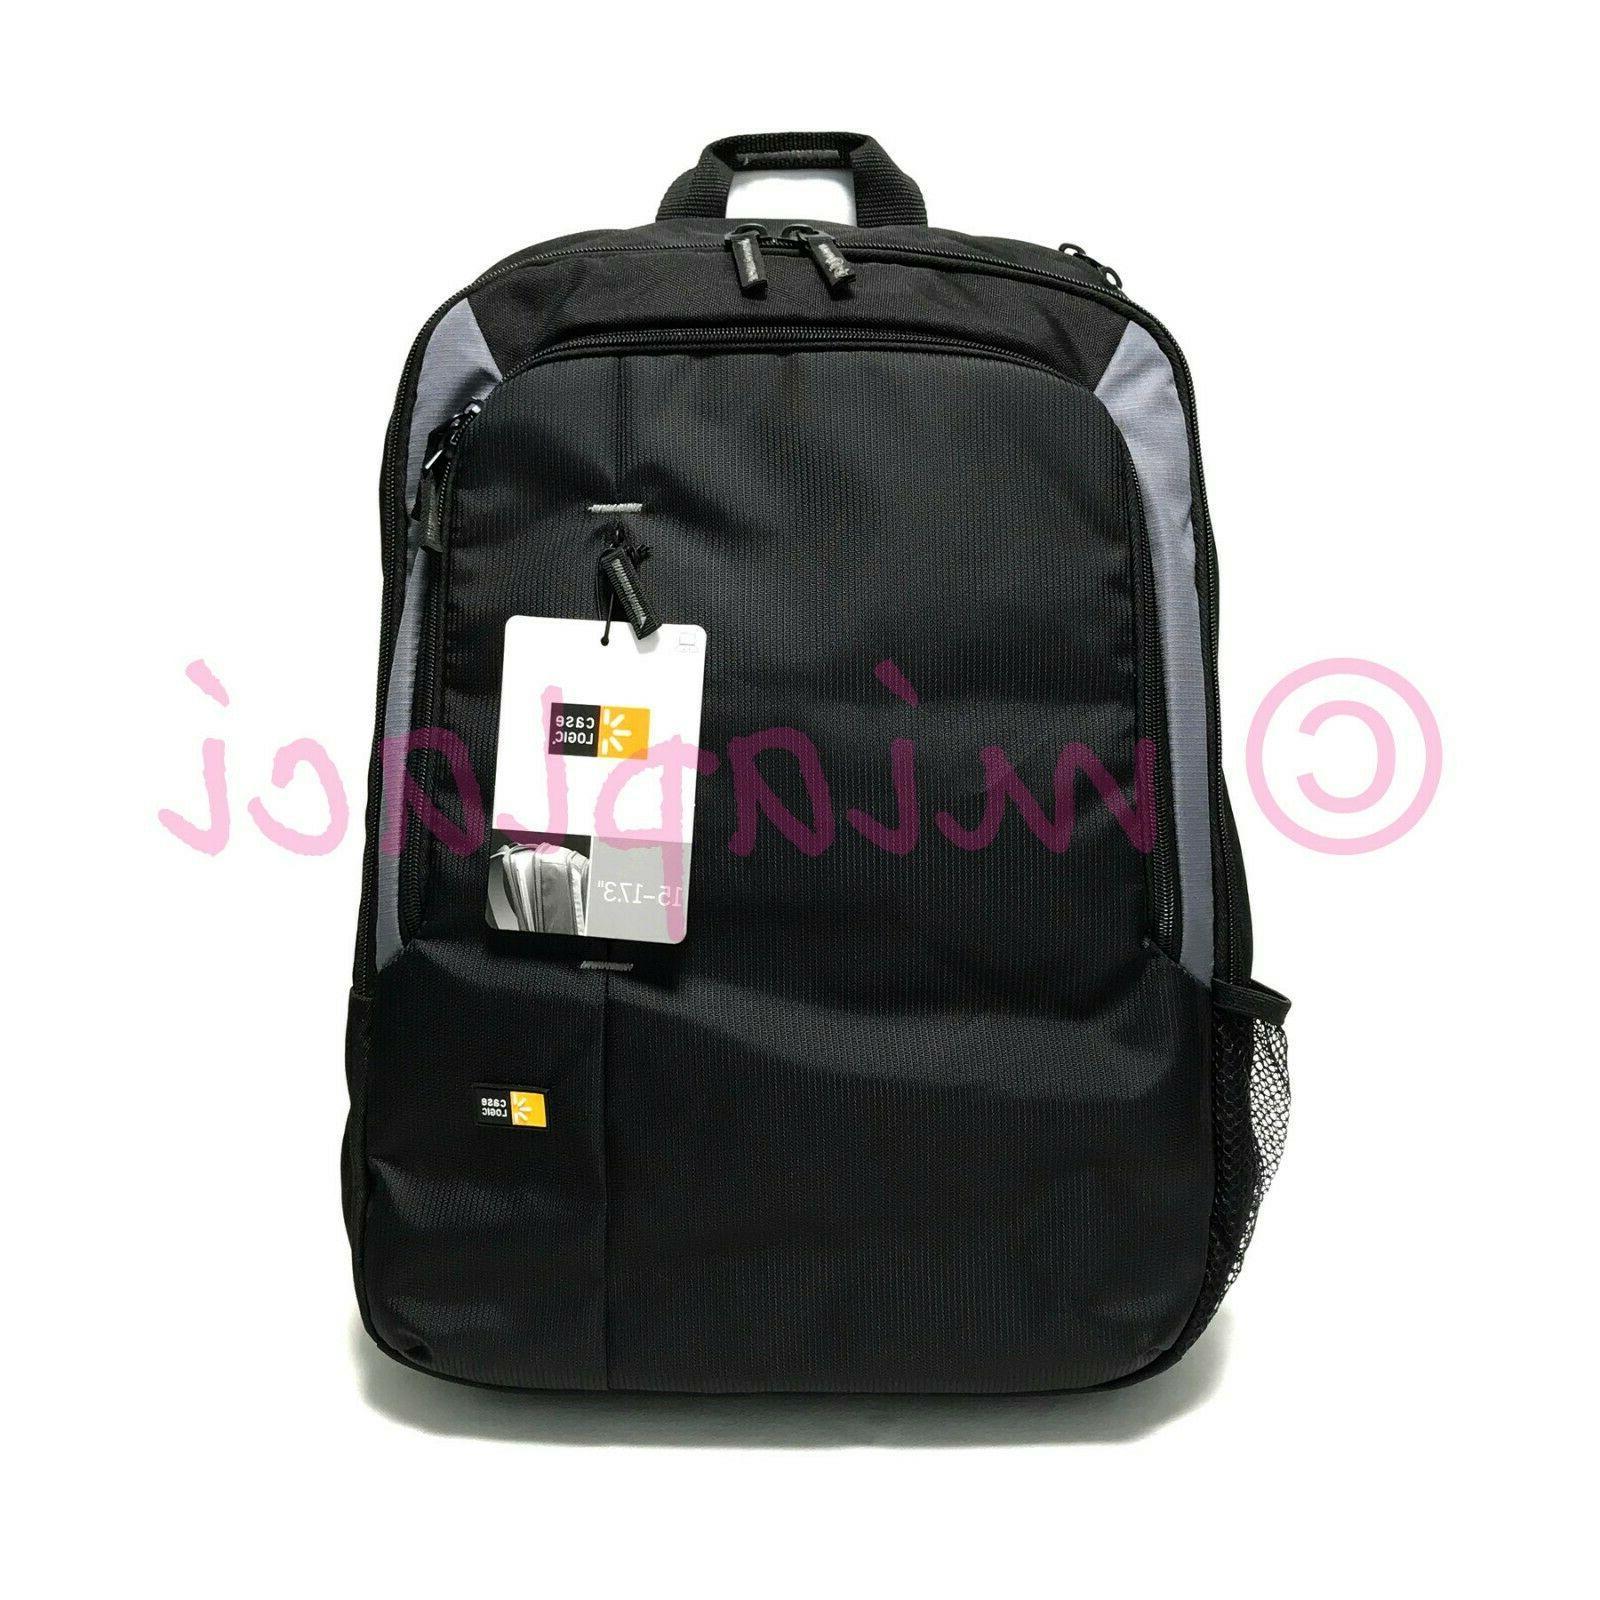 17 black notebook backpack